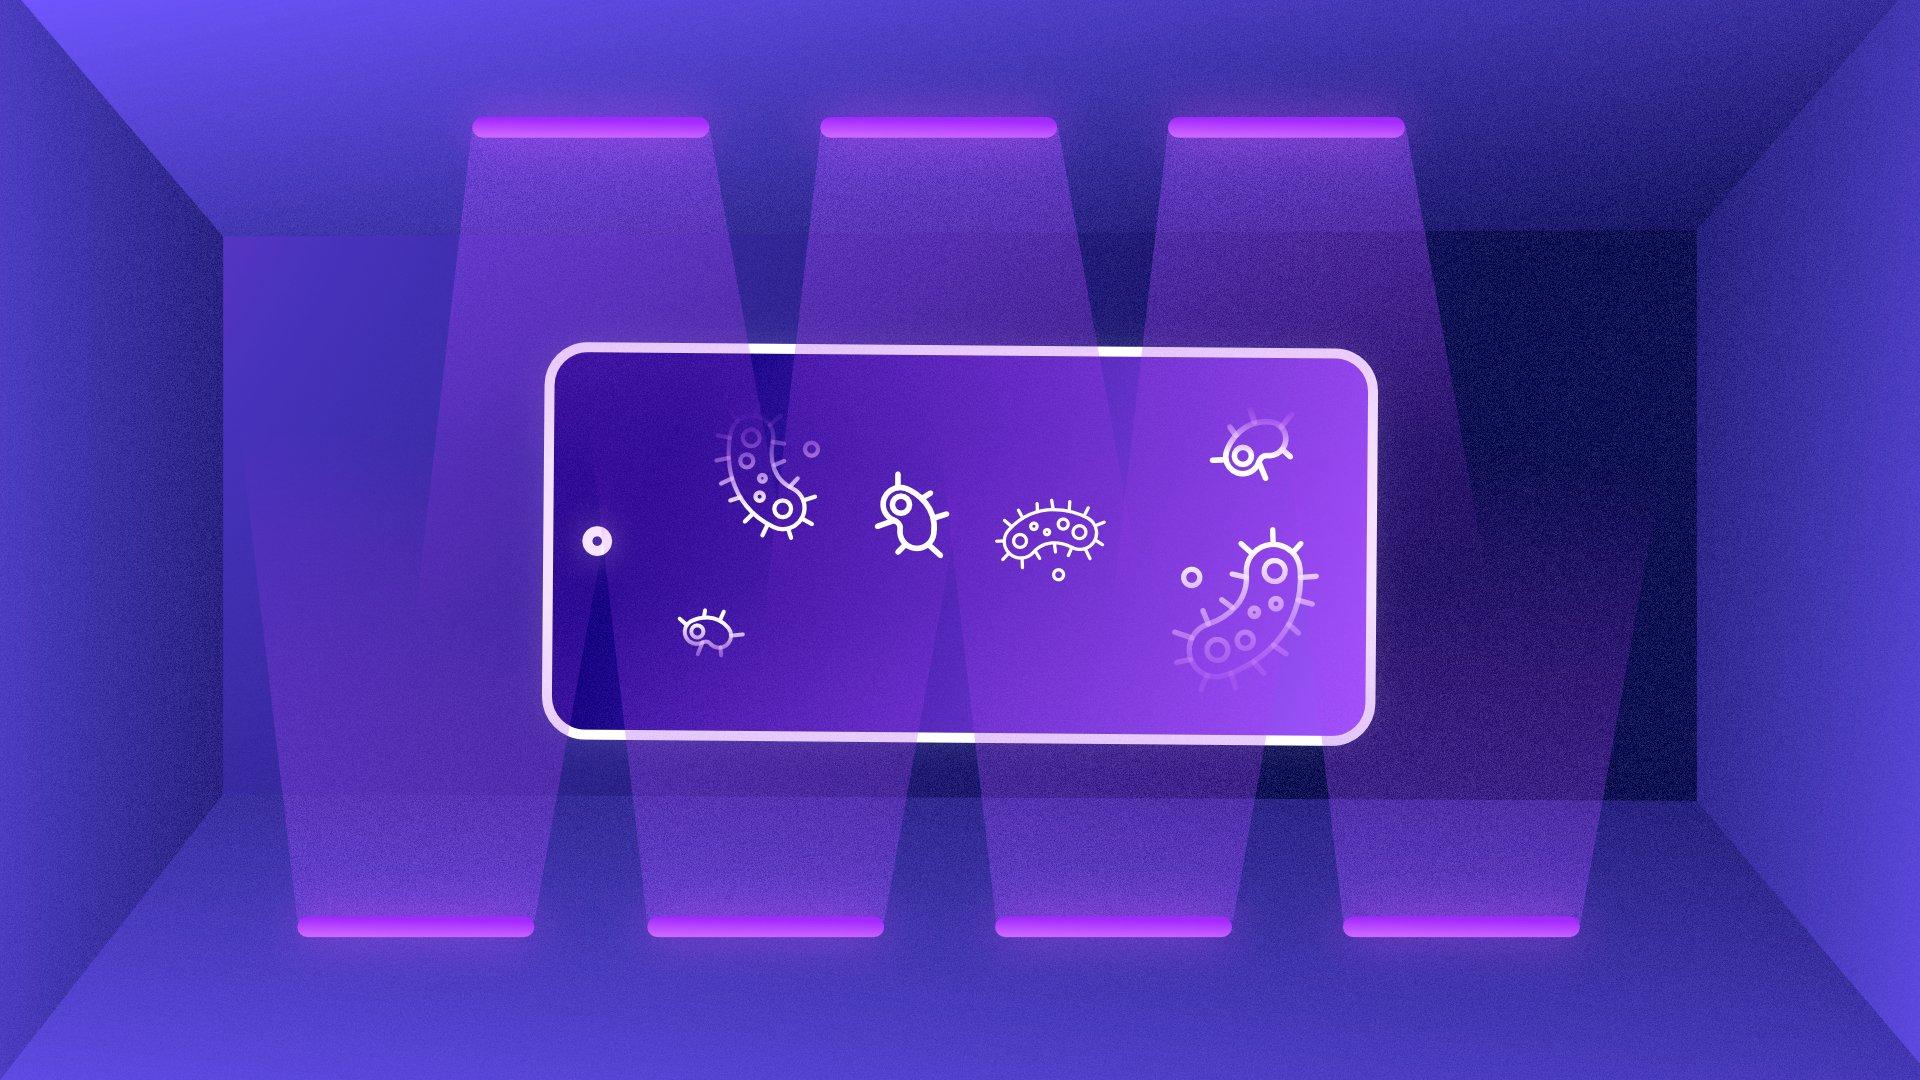 Comment les rayons UV permettent-ils de désinfecter vos appareils?